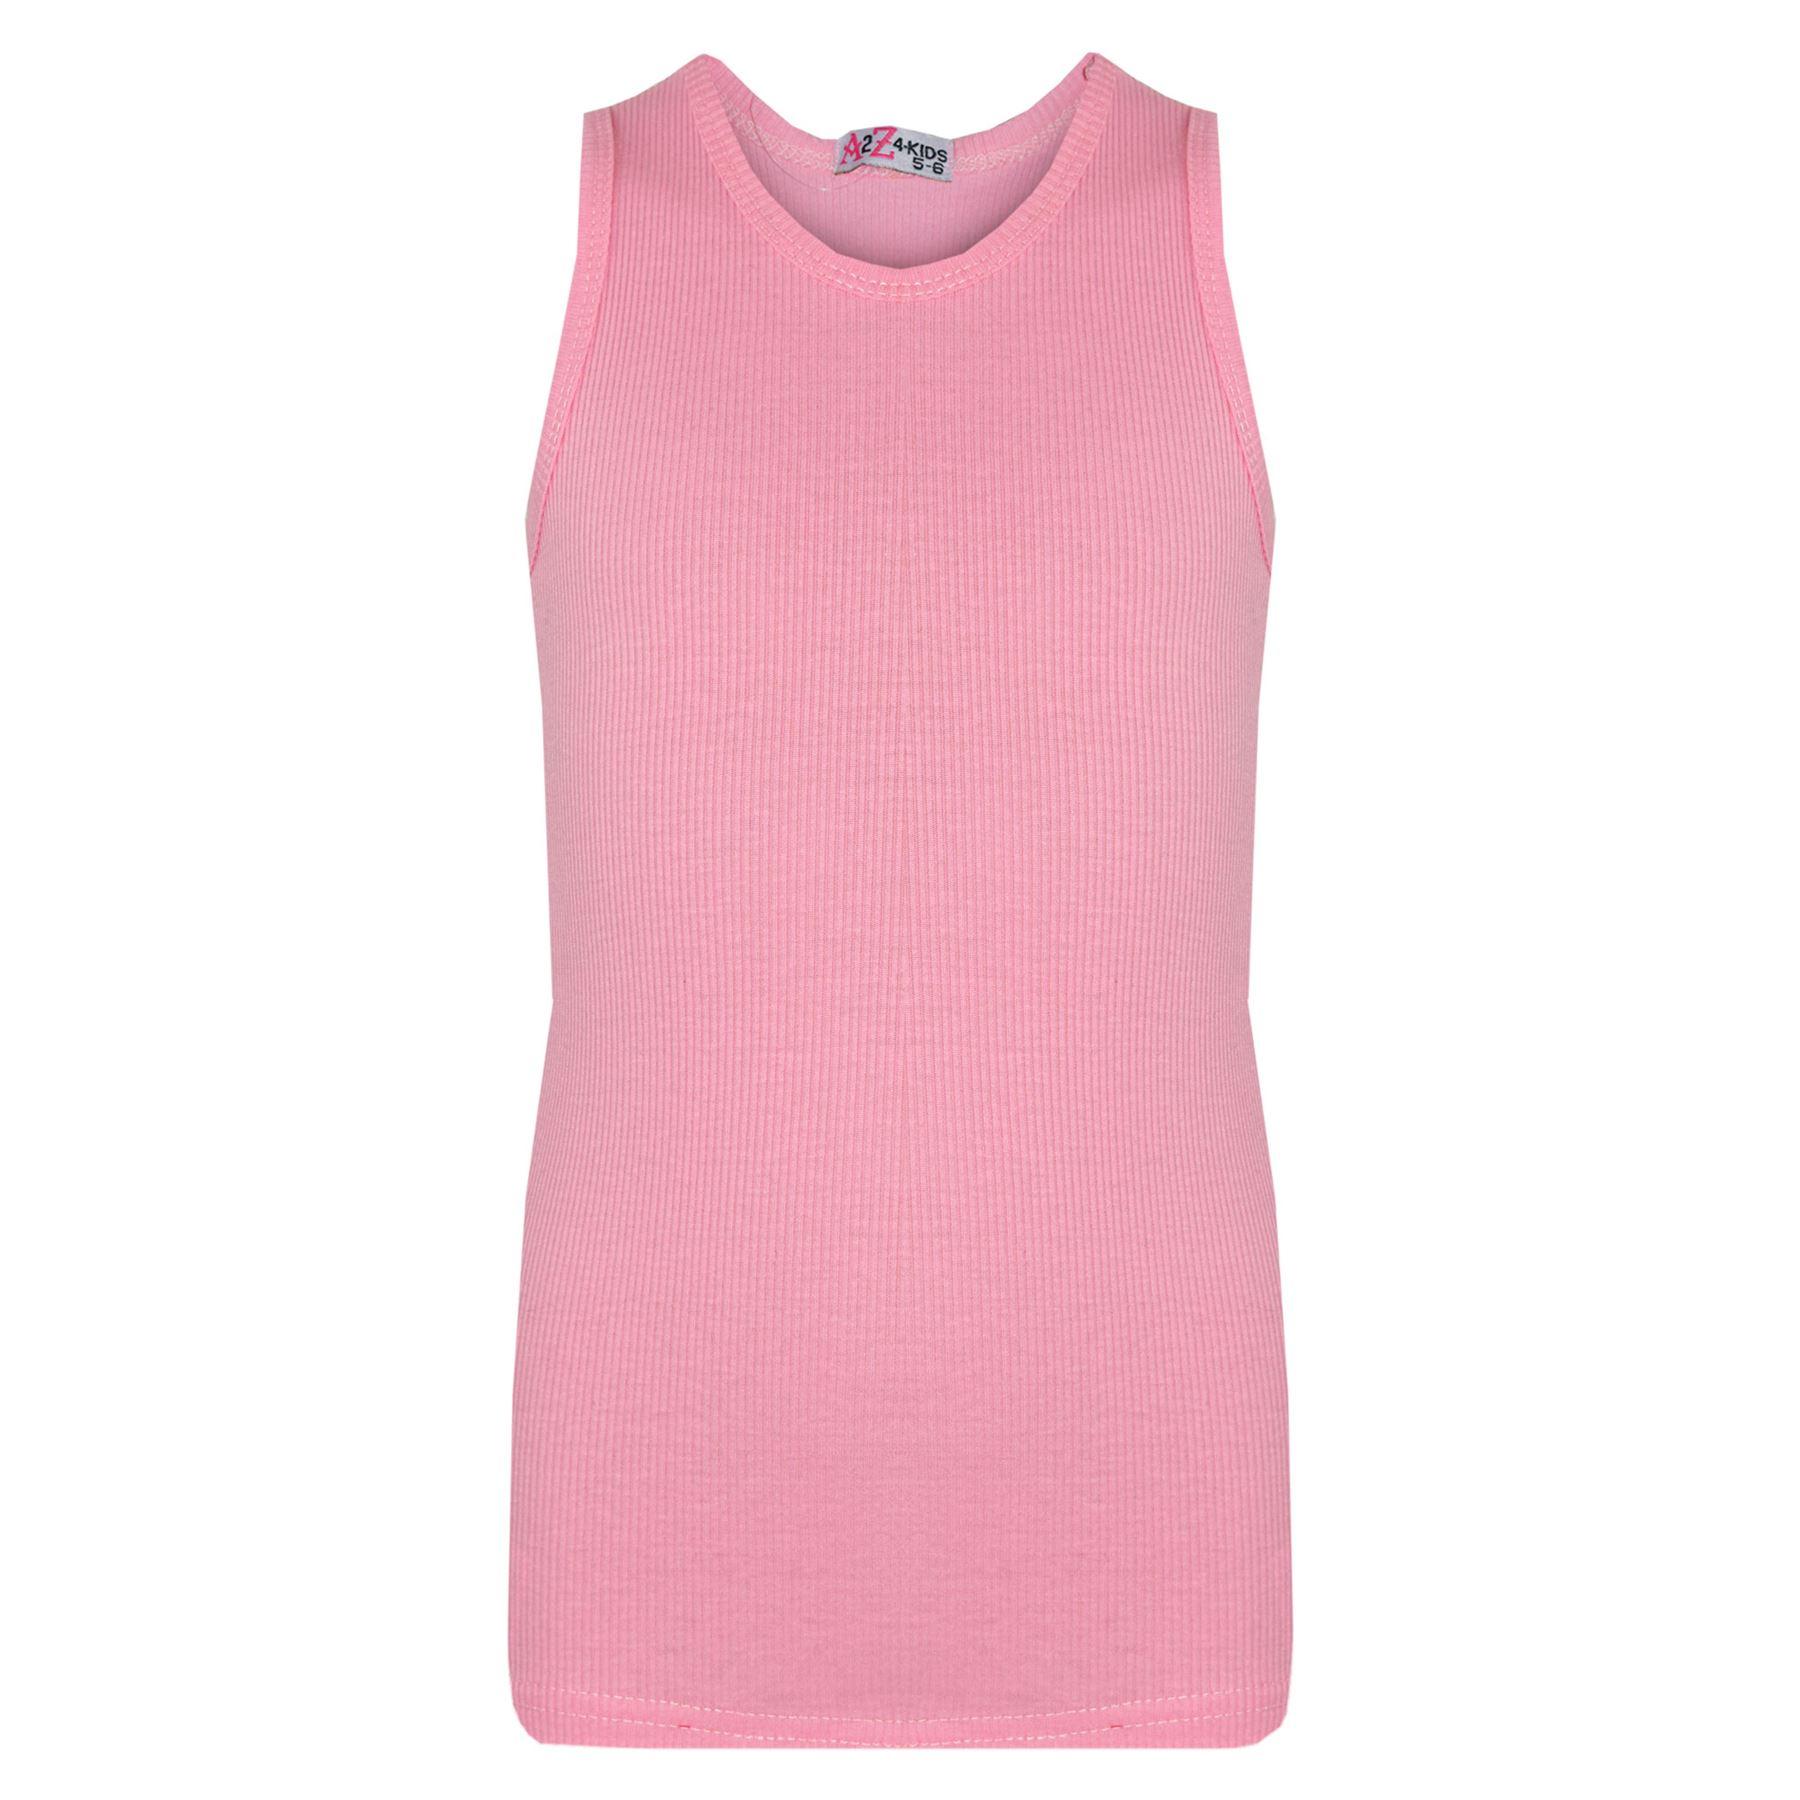 Filles Côtelé Débardeur 100/% coton Summer T Shirt Âge 5 6 7 8 9 10 11 12 13 ans